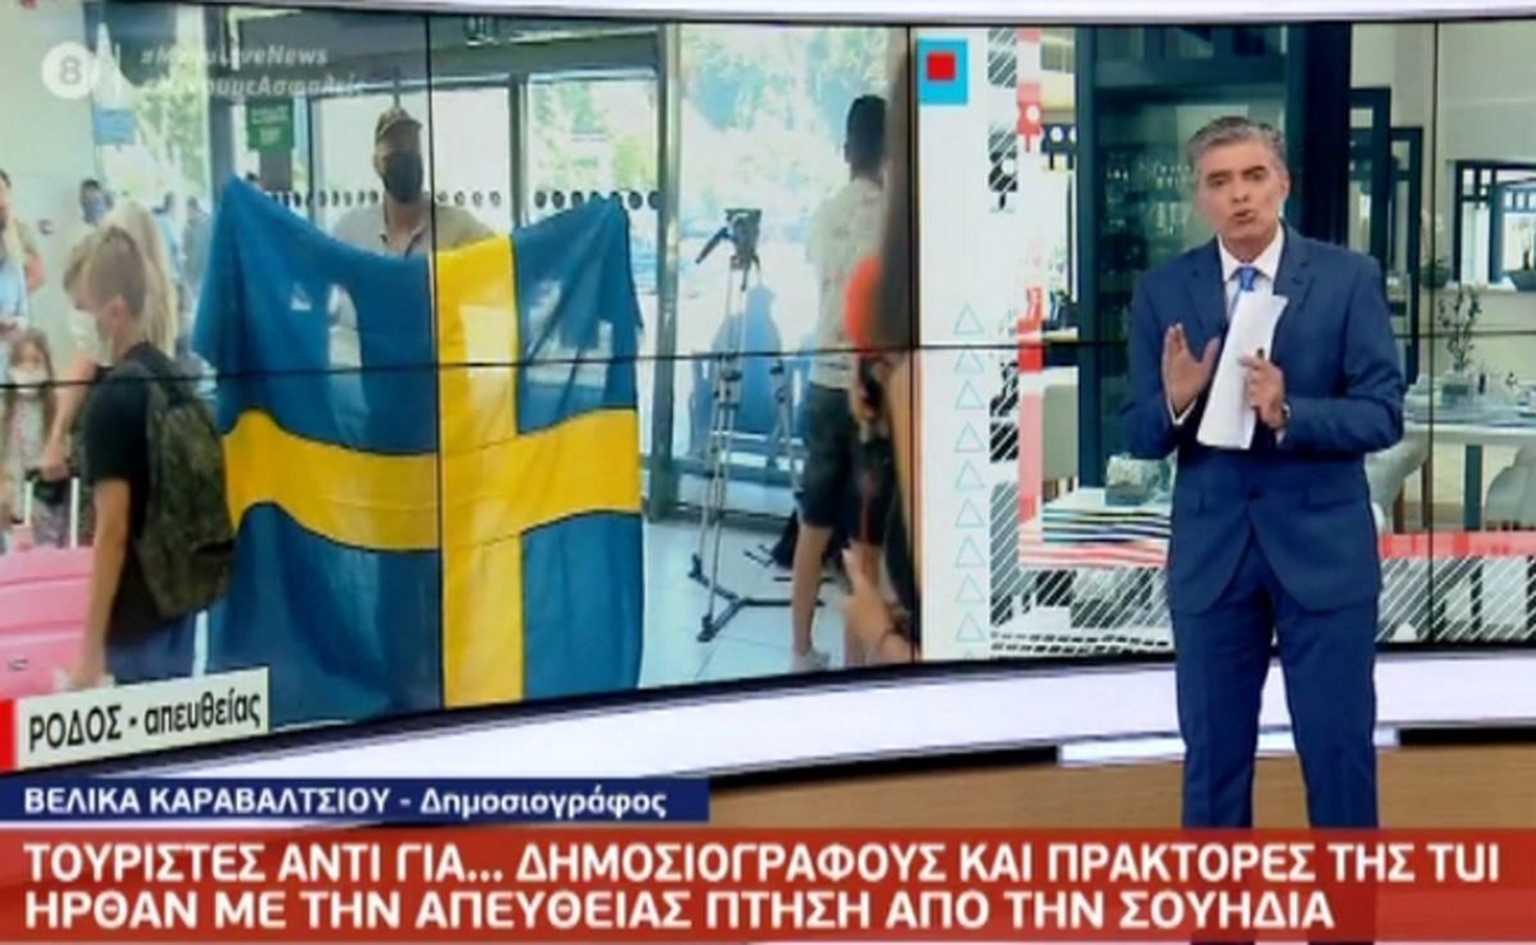 Οι Σουηδοί «δημοσιογράφοι» στην Ρόδο ήταν τελικά… τουρίστες! Αποκαλυπτικό ρεπορτάζ του Live News